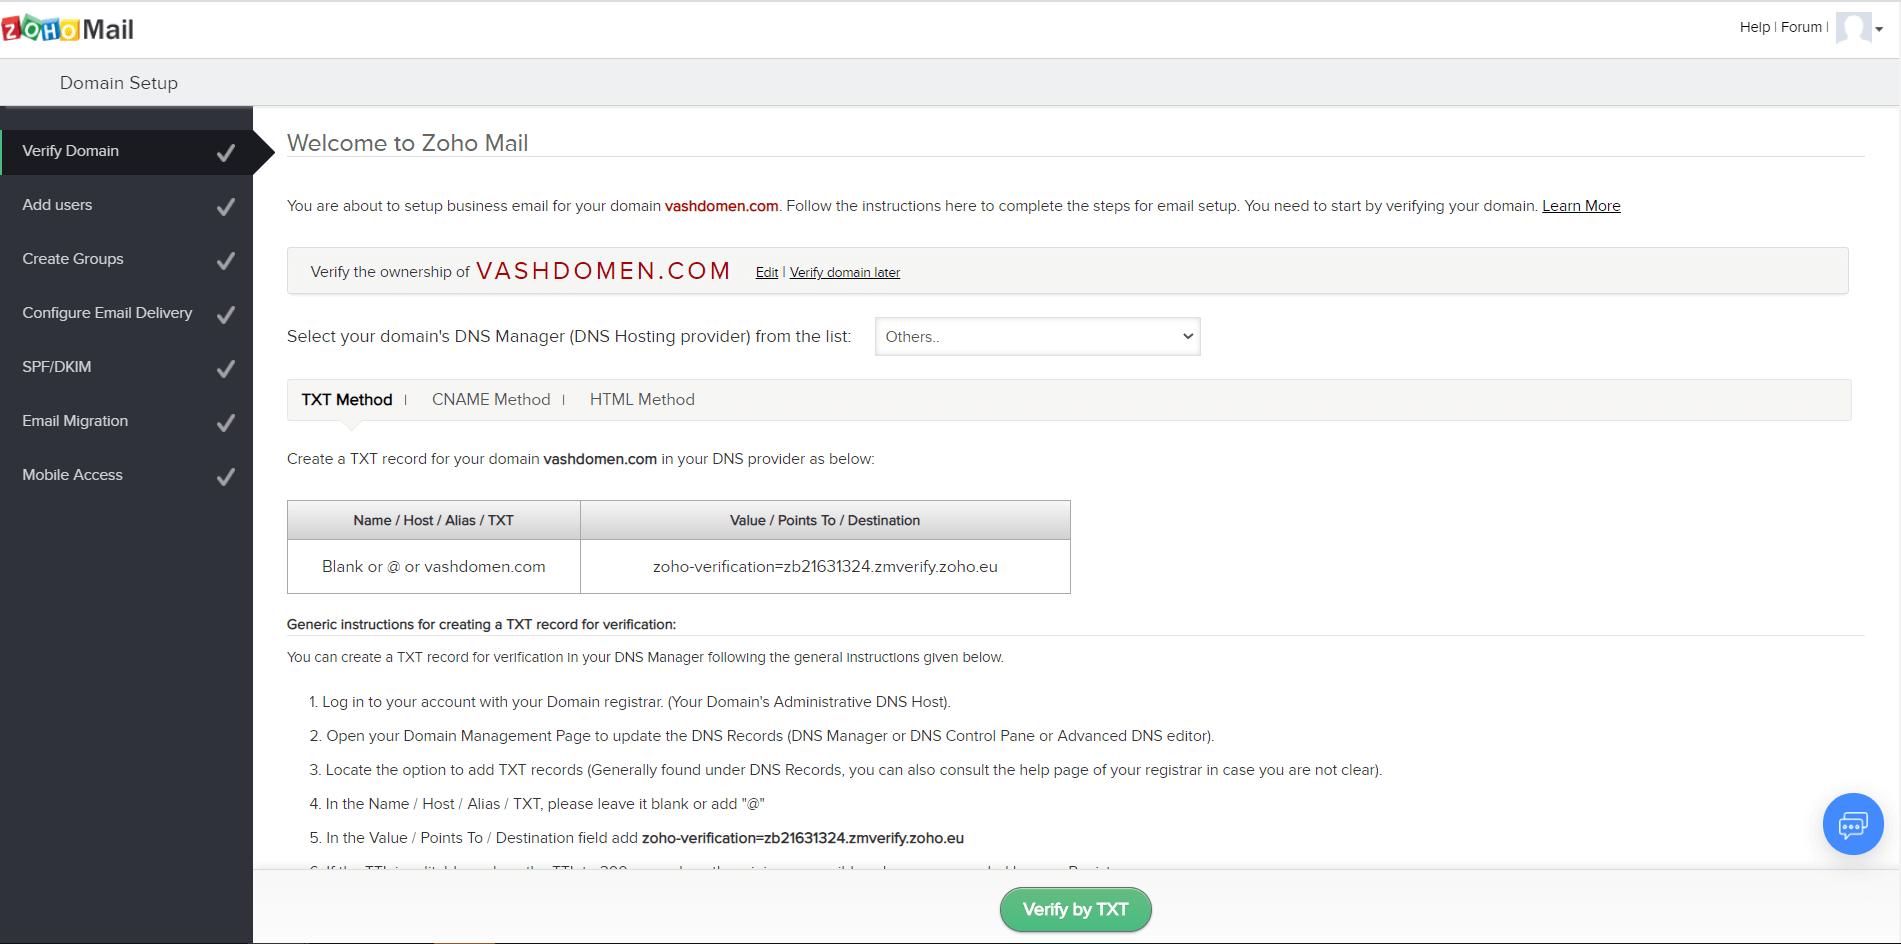 Как сделать доменную почту. Подтверждаем создание верификационной TXT-записи в аккаунте Zoho Mail.